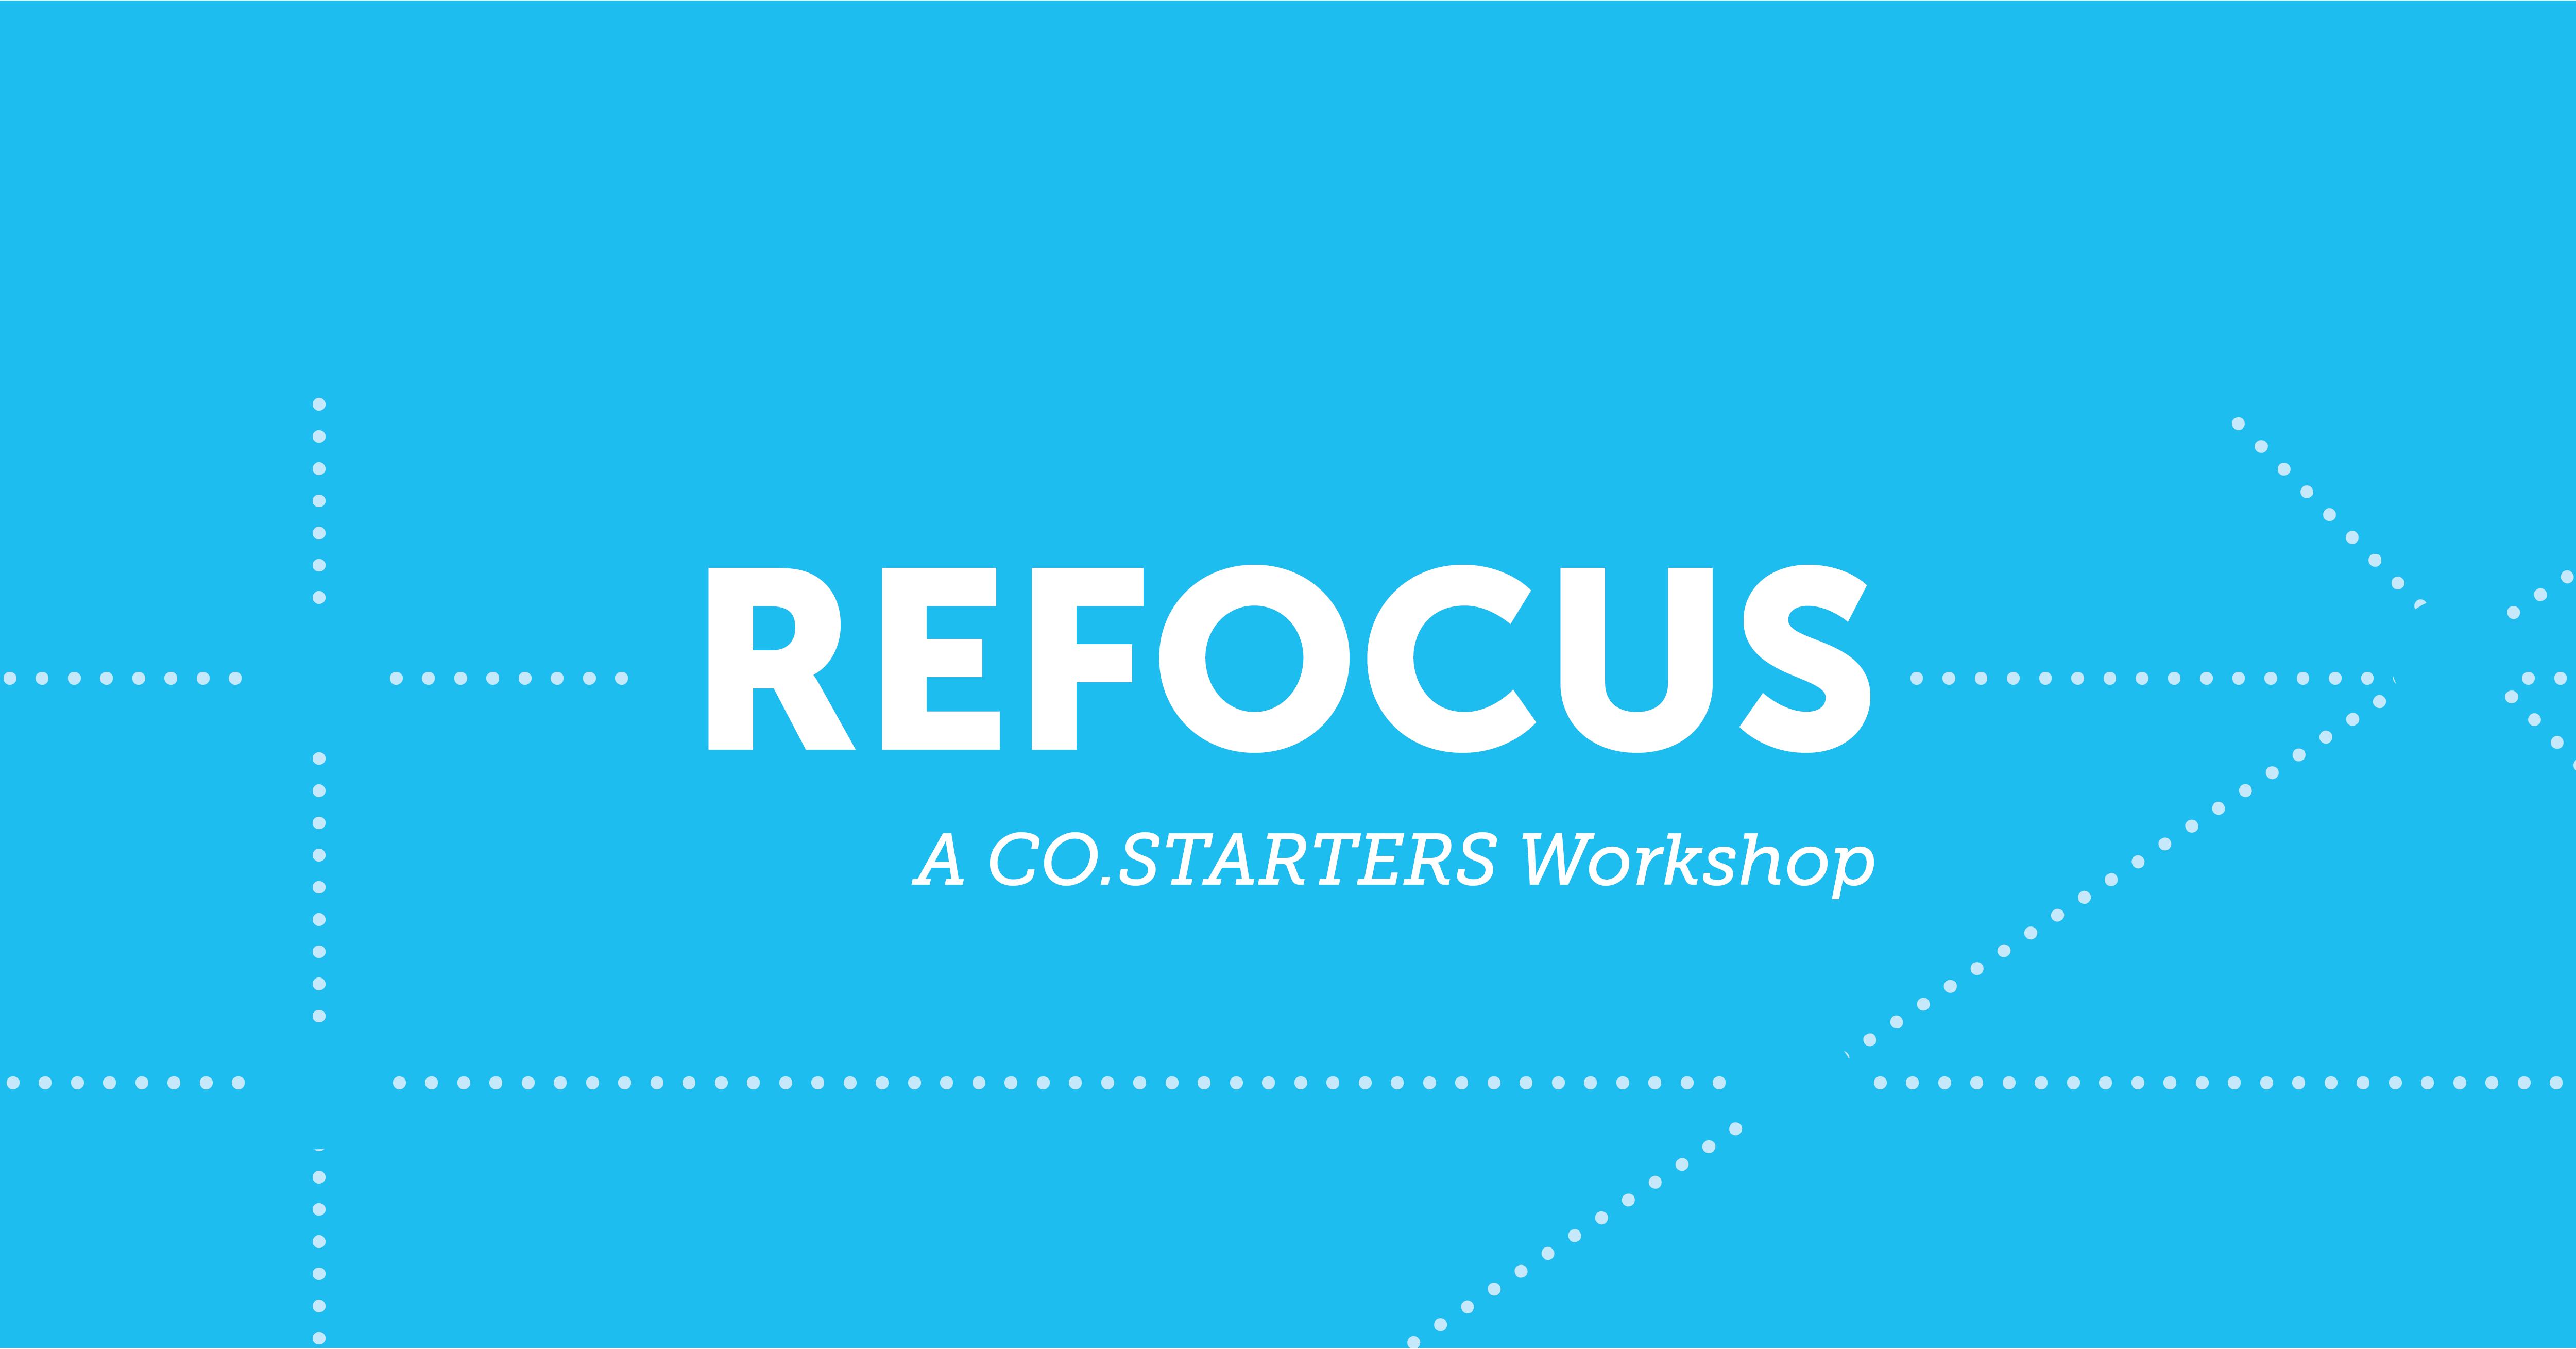 REFOCUS: A CO.STARTERS Workshop